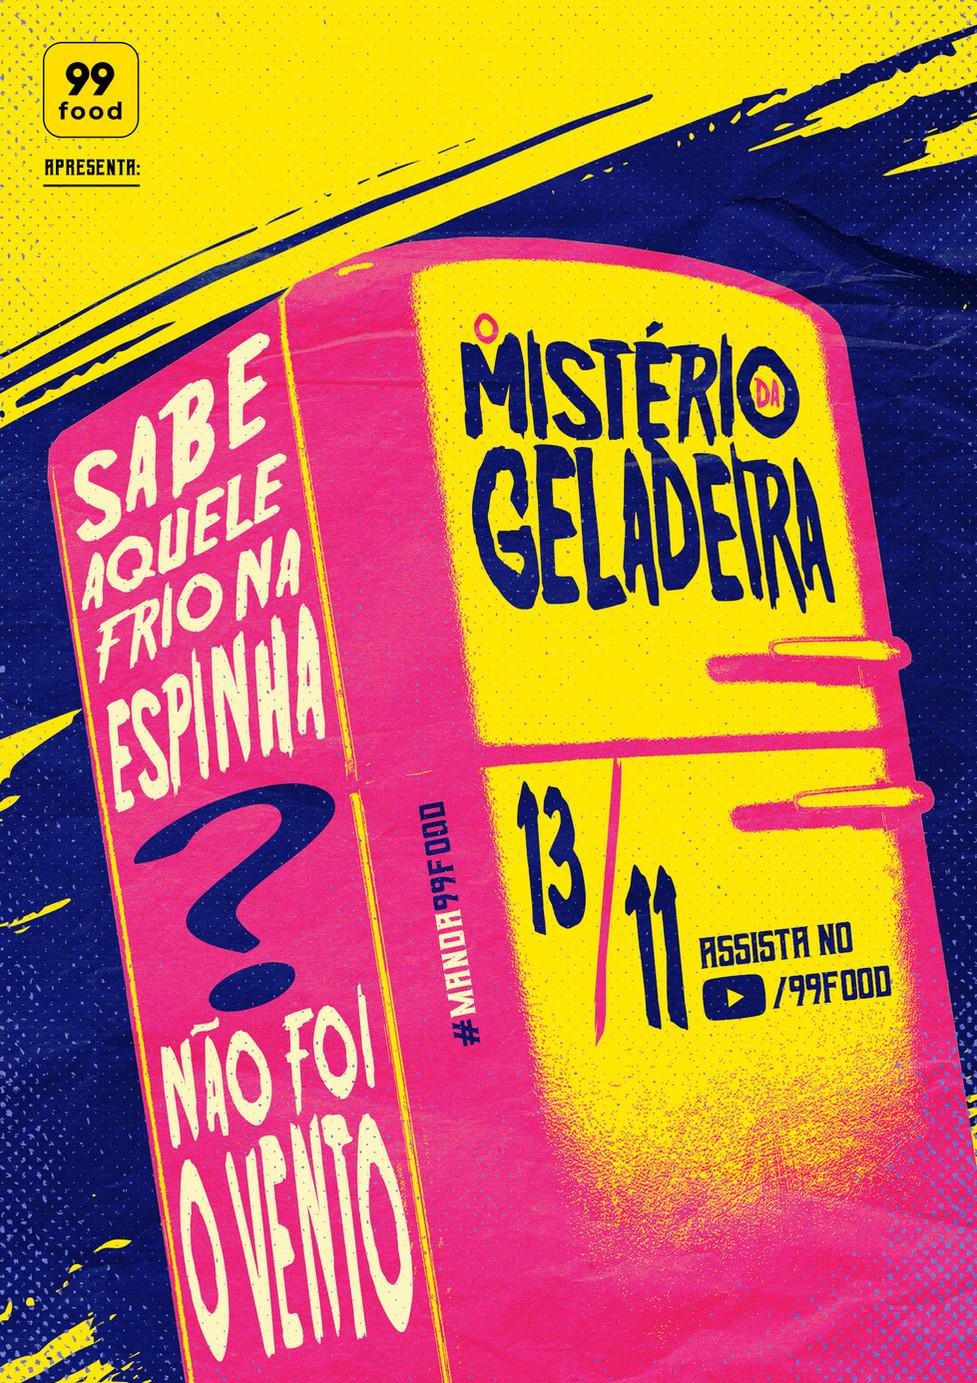 99Food_MisterioGeladeira_OOH-02.jpg